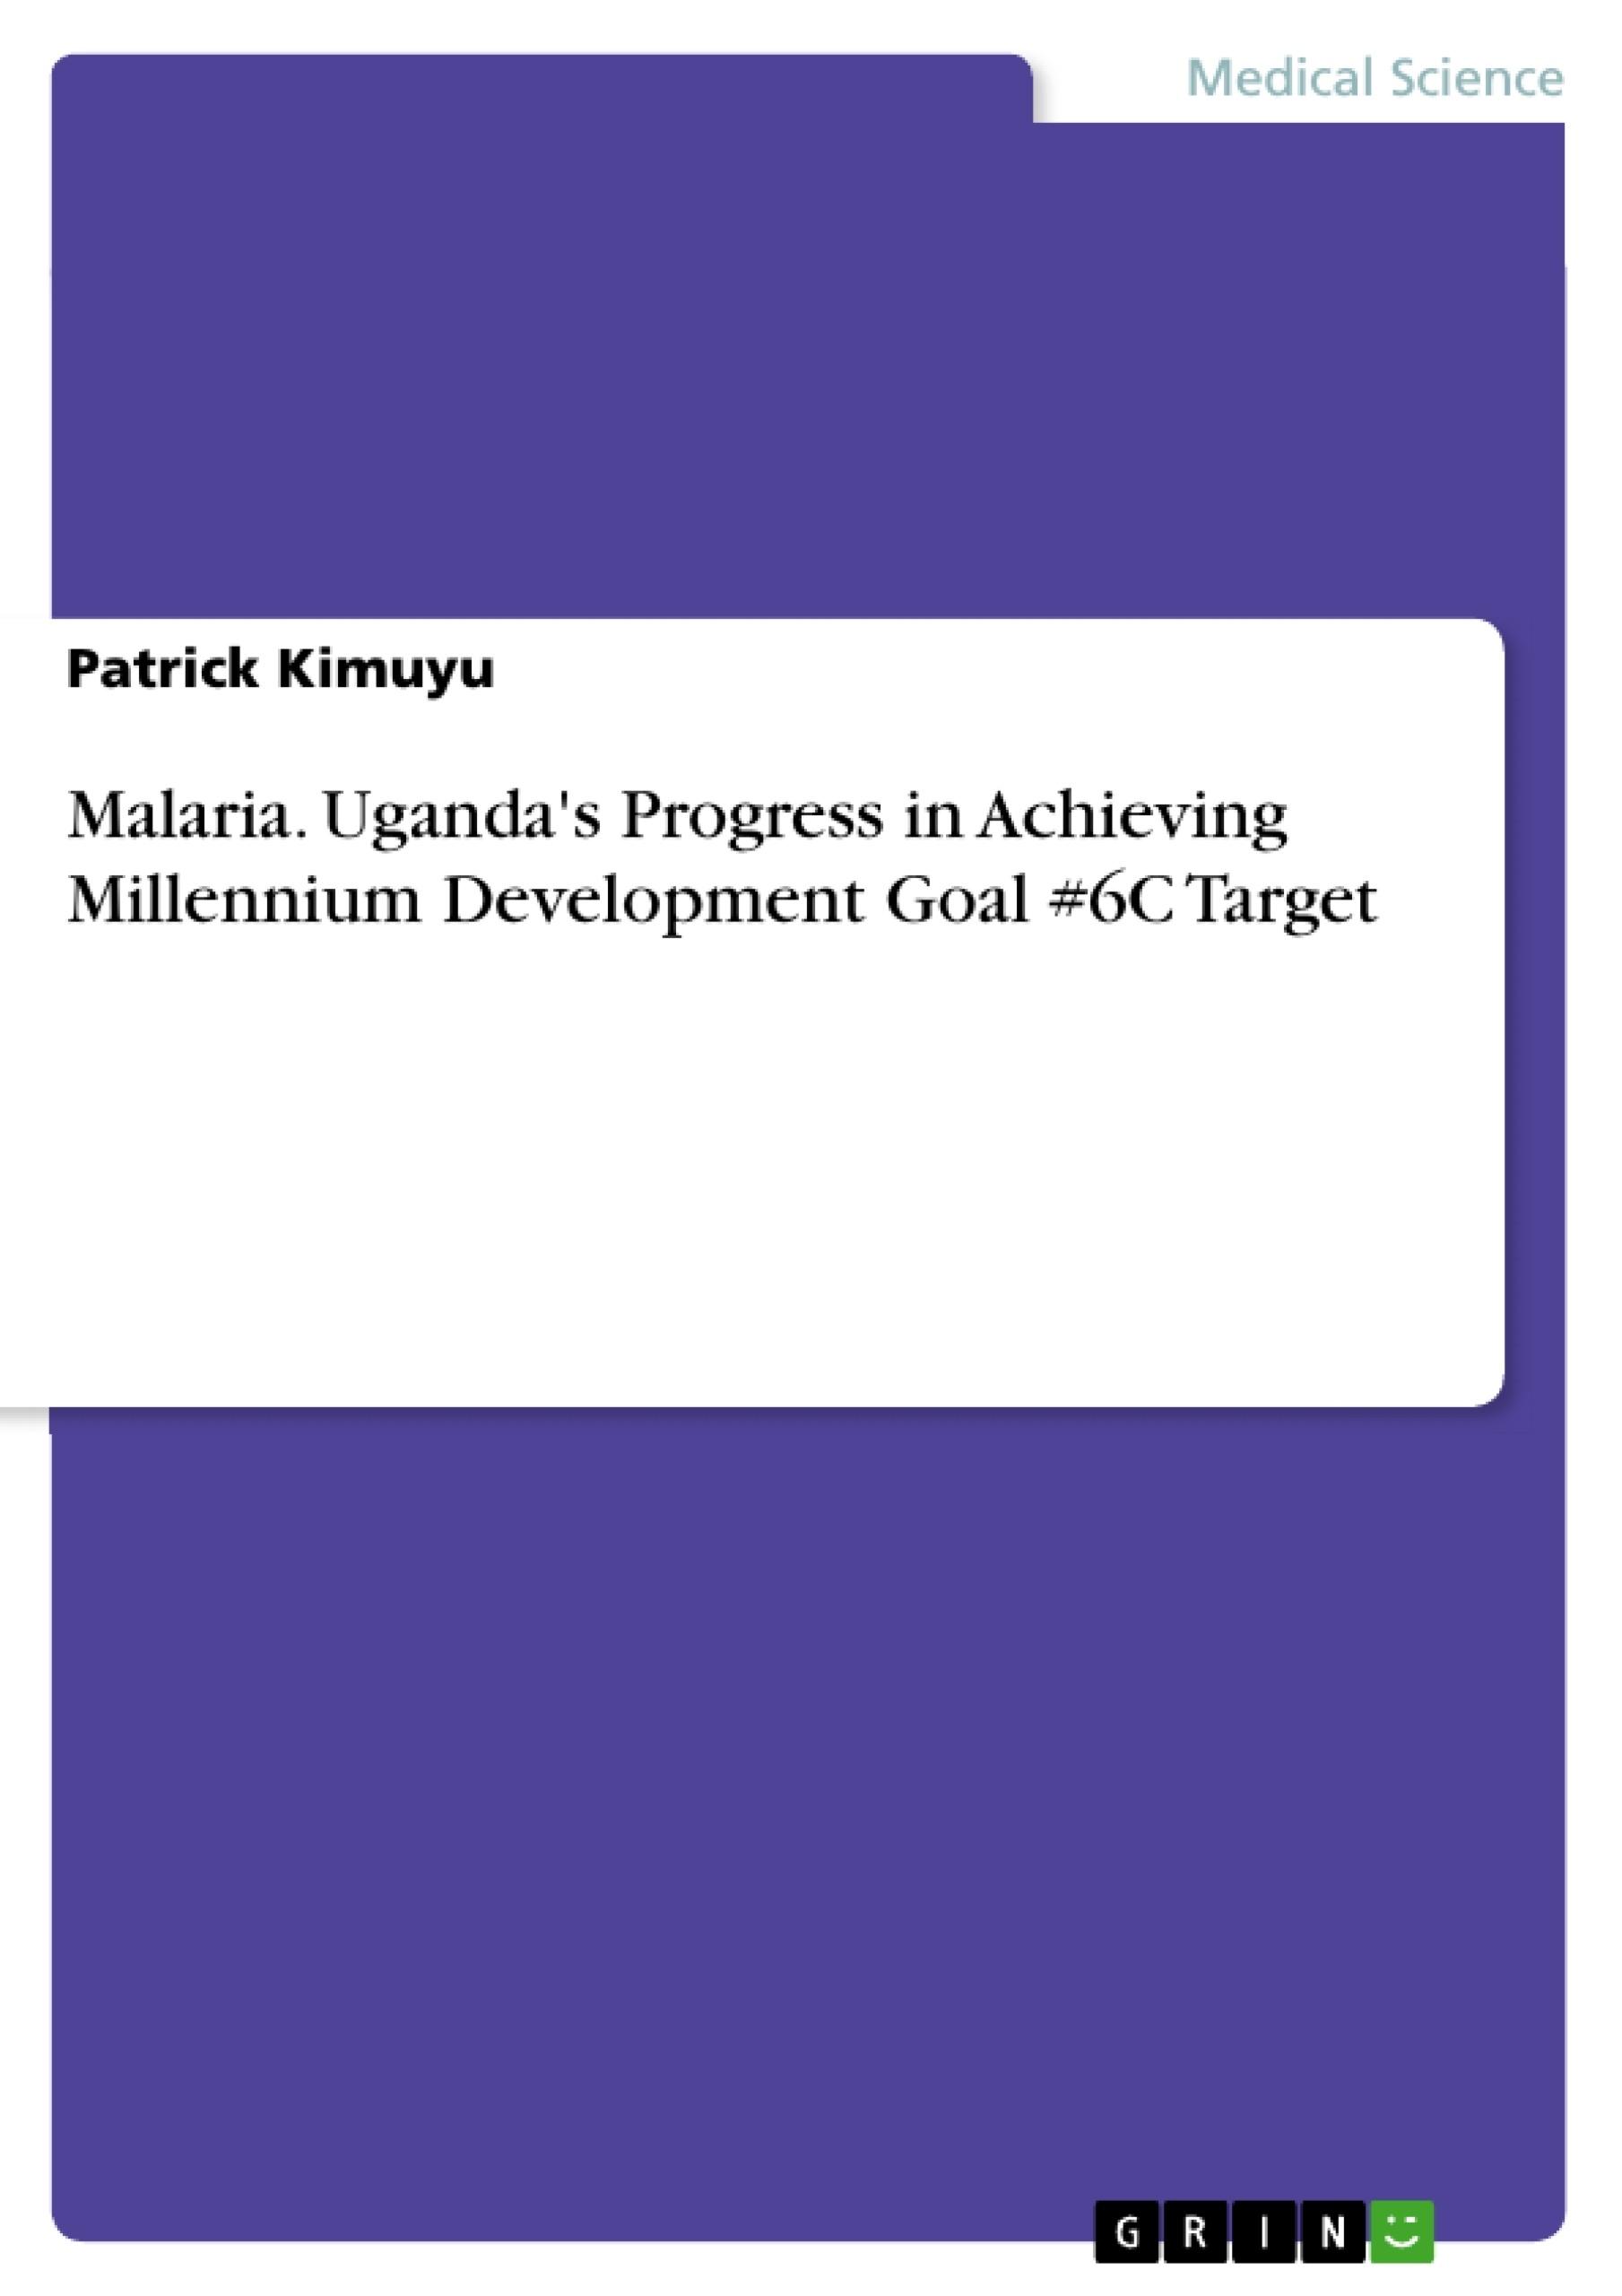 Title: Malaria. Uganda's Progress in Achieving Millennium Development Goal #6C Target